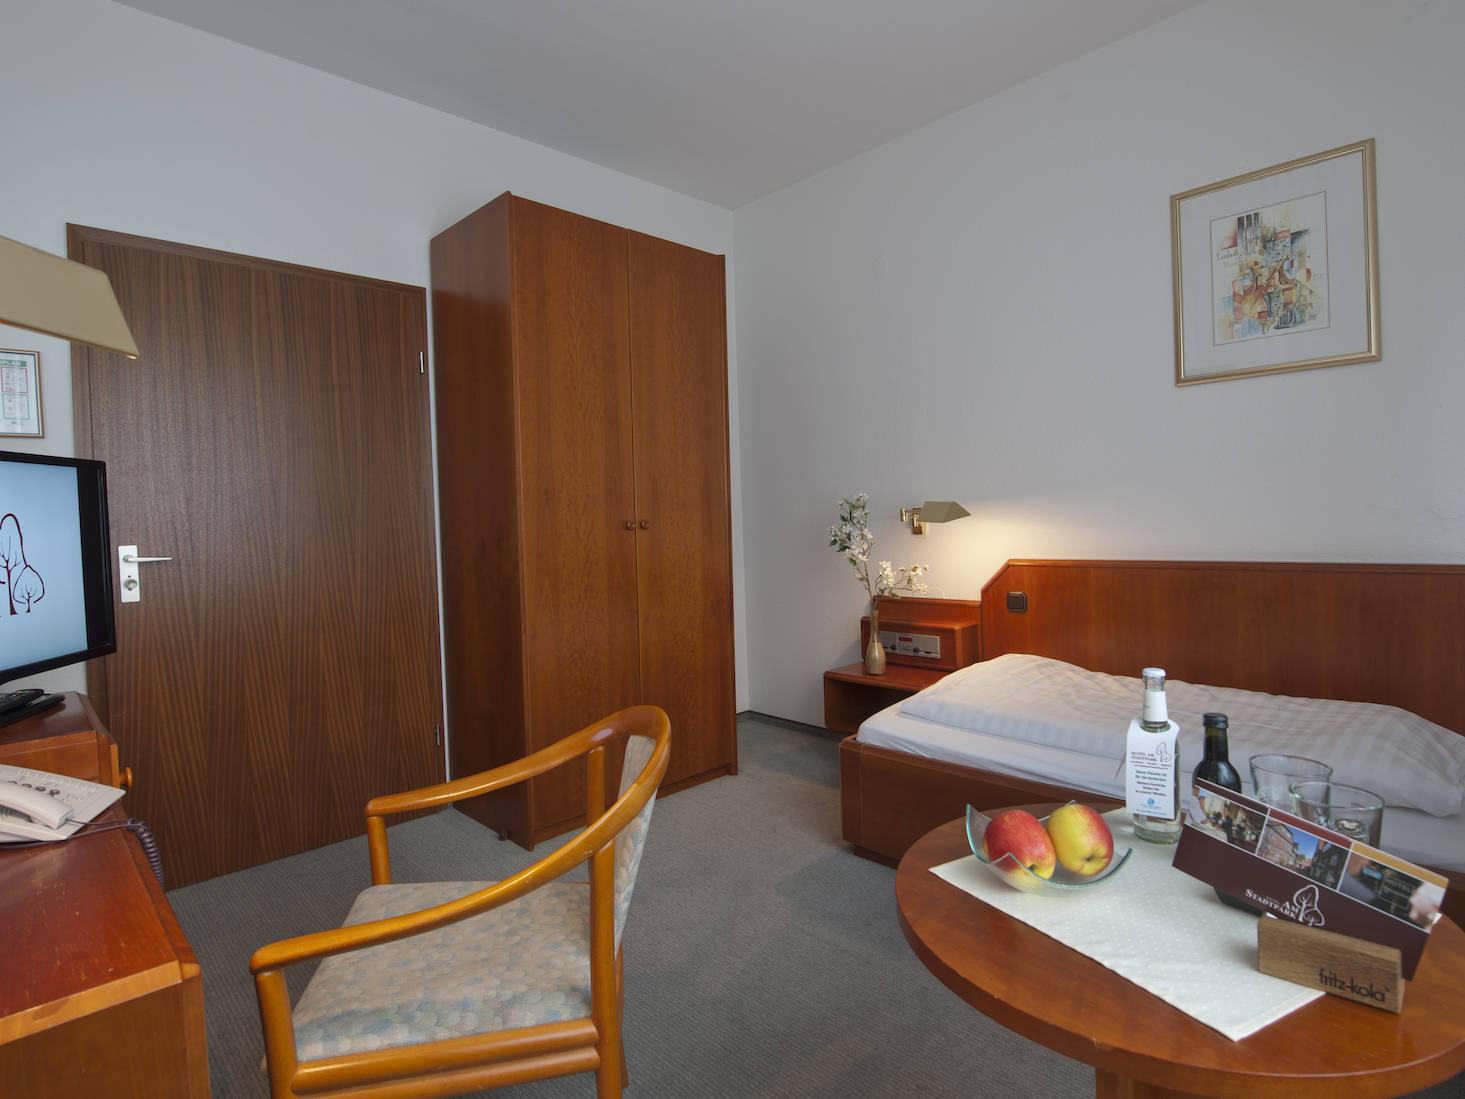 Zimmer Hotel am Stadtpark Buxtehude 2 uai